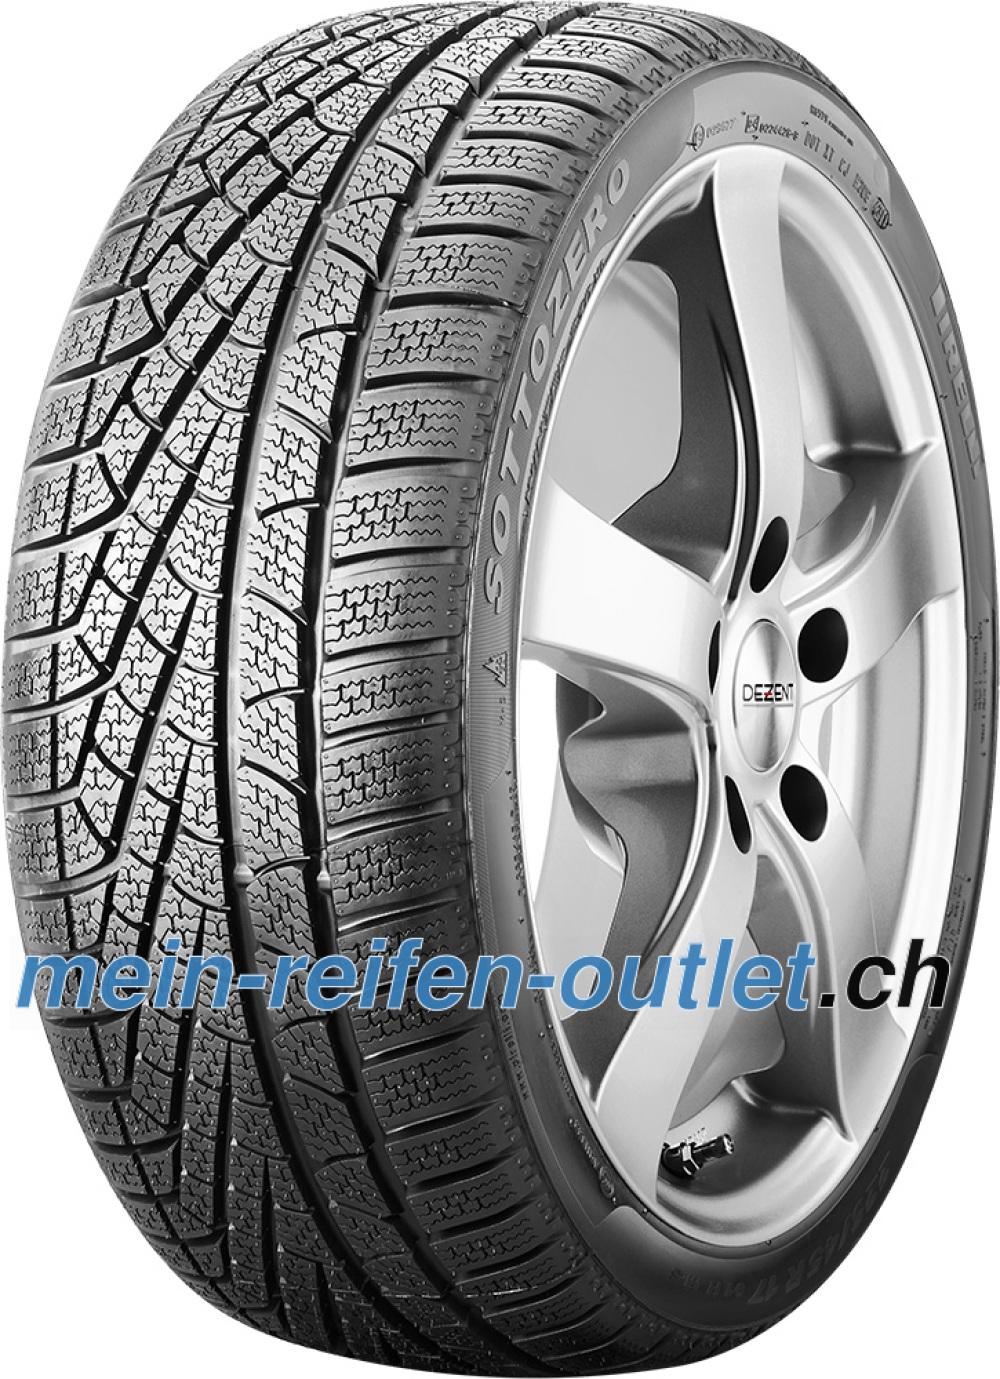 Pirelli W 210 SottoZero ( 225/55 R16 99H XL AO )